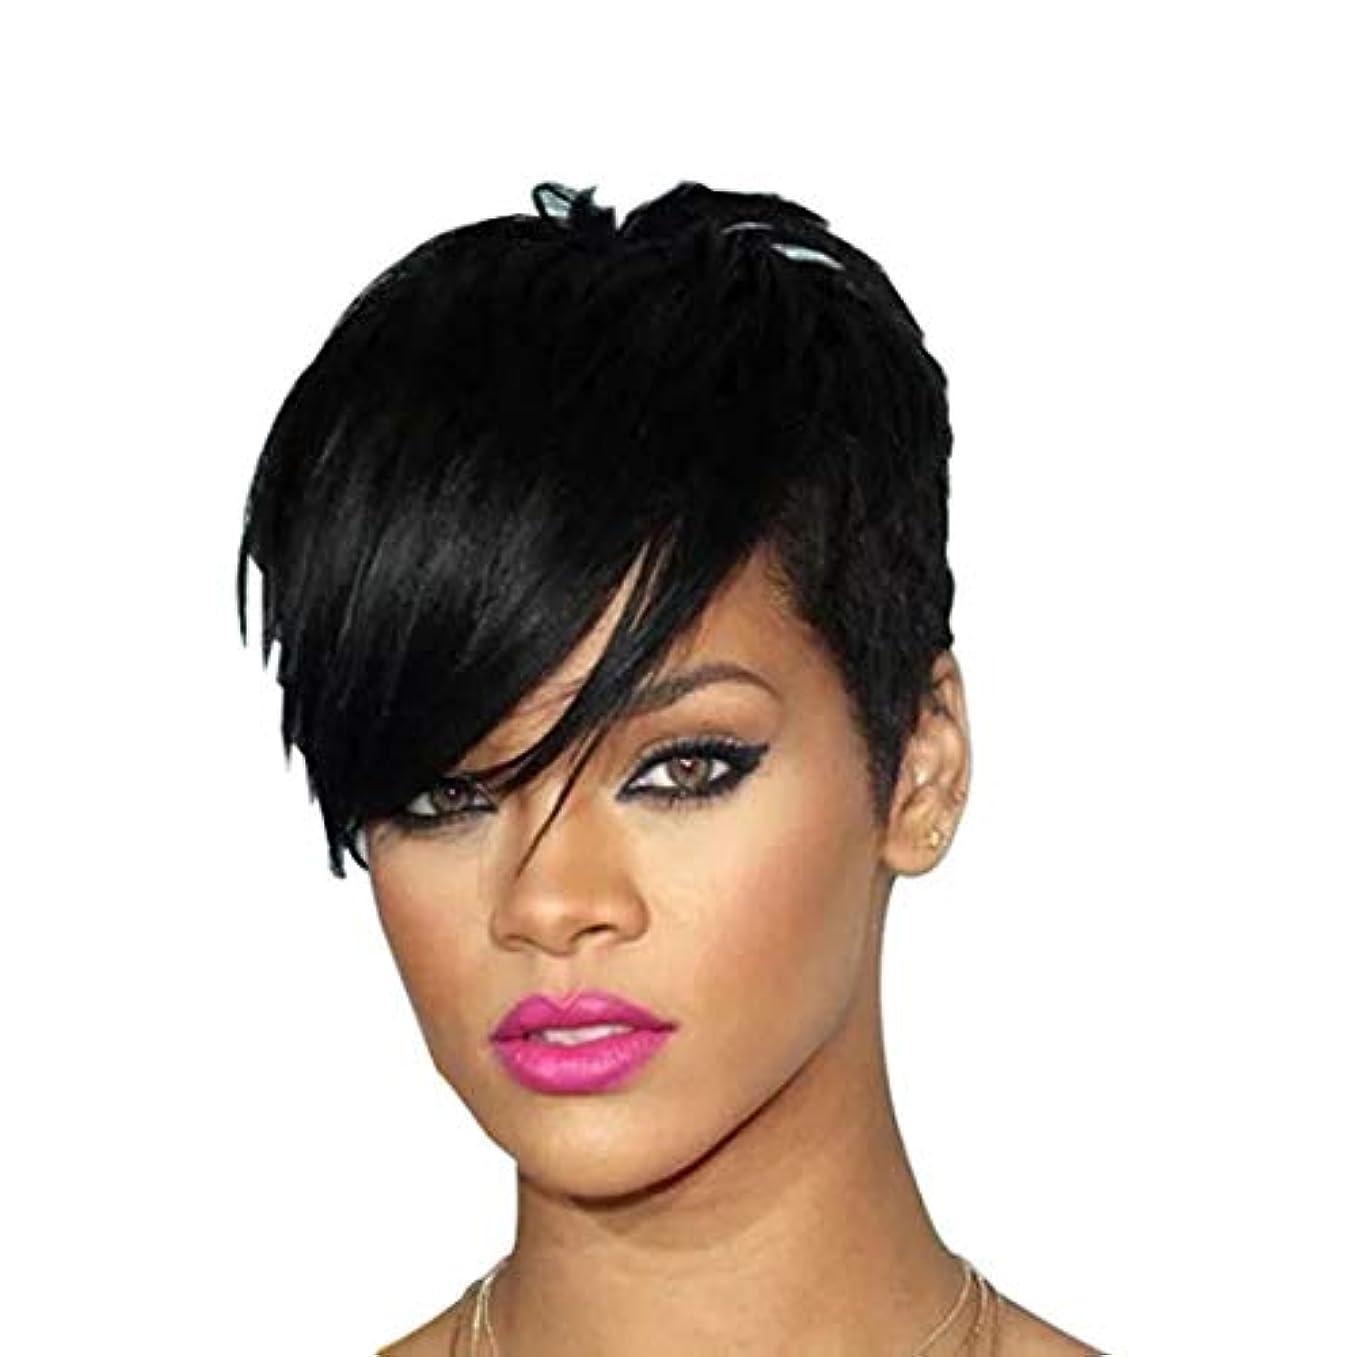 寛解租界またはどちらかKerwinner 女性の斜め前髪高温シルクウィッグヘッドギアで短いストレートヘアウィッグ